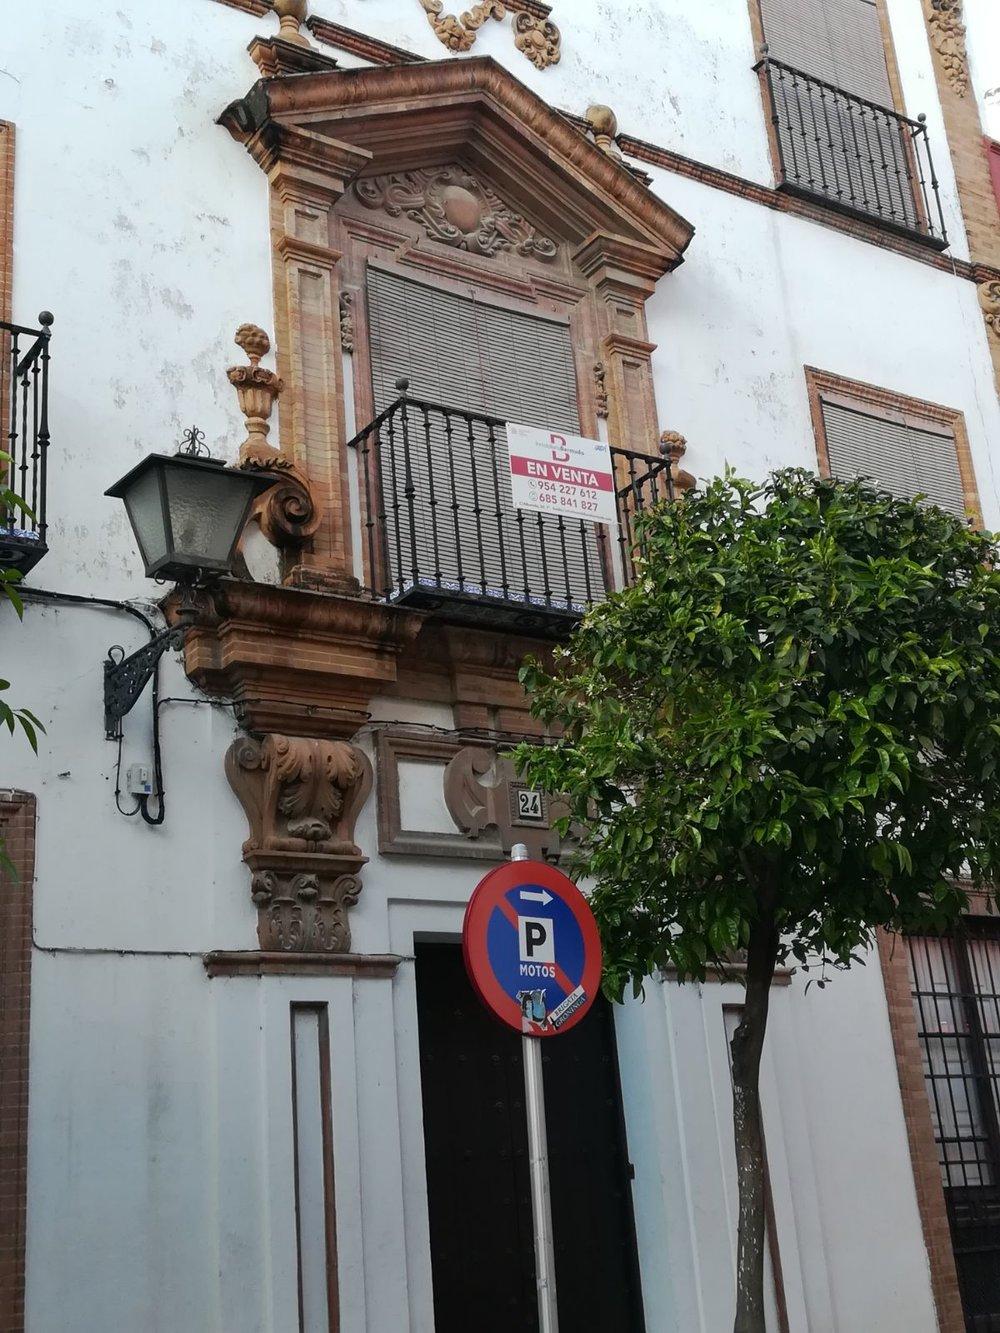 Balcon fachada con cartel.jpg